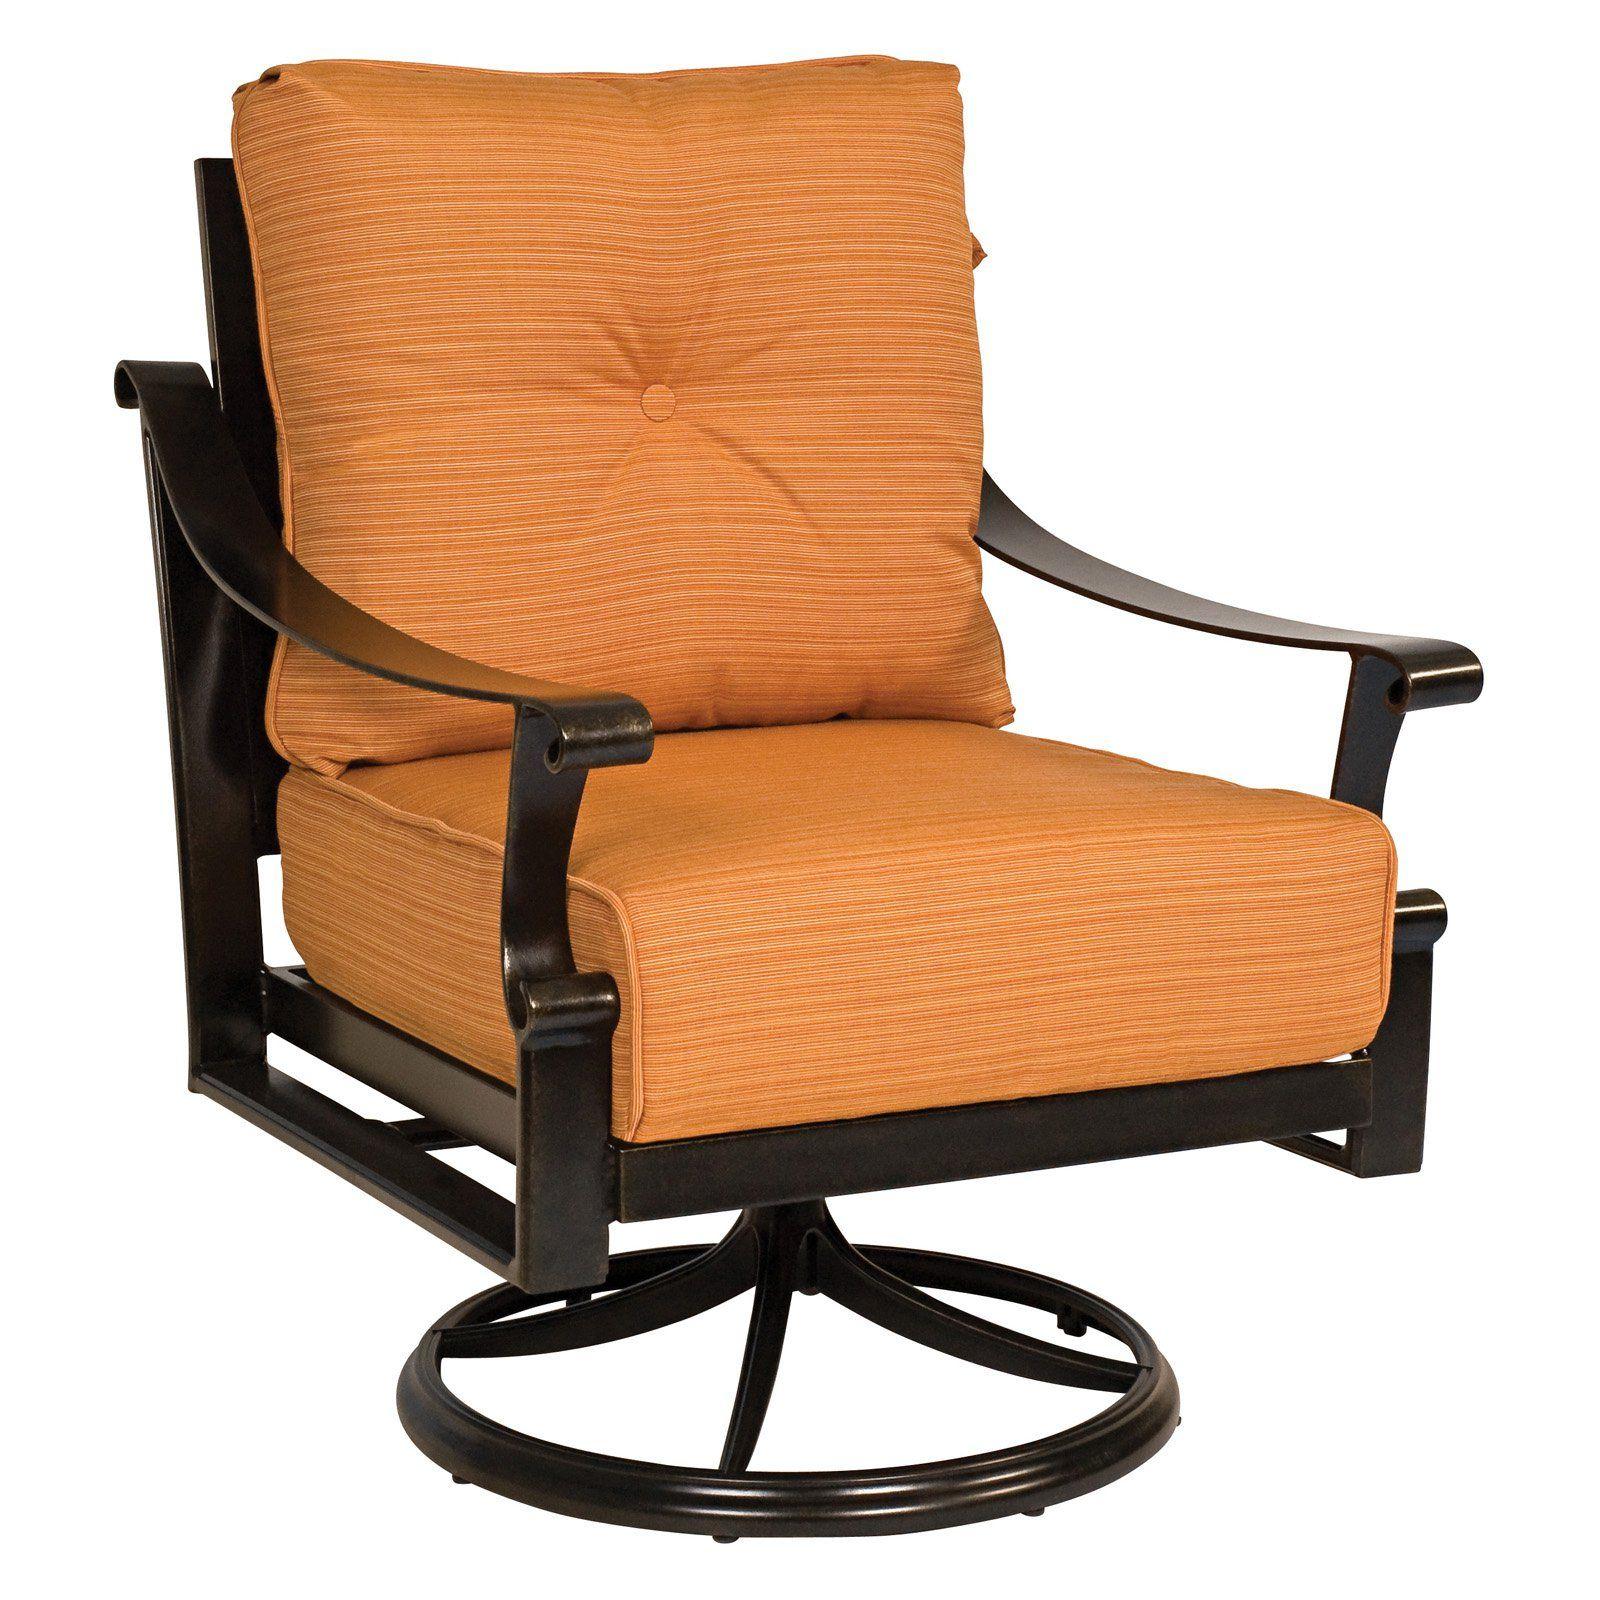 Woodard Bungalow Cushion Swivel Rocker Lounge Chair From